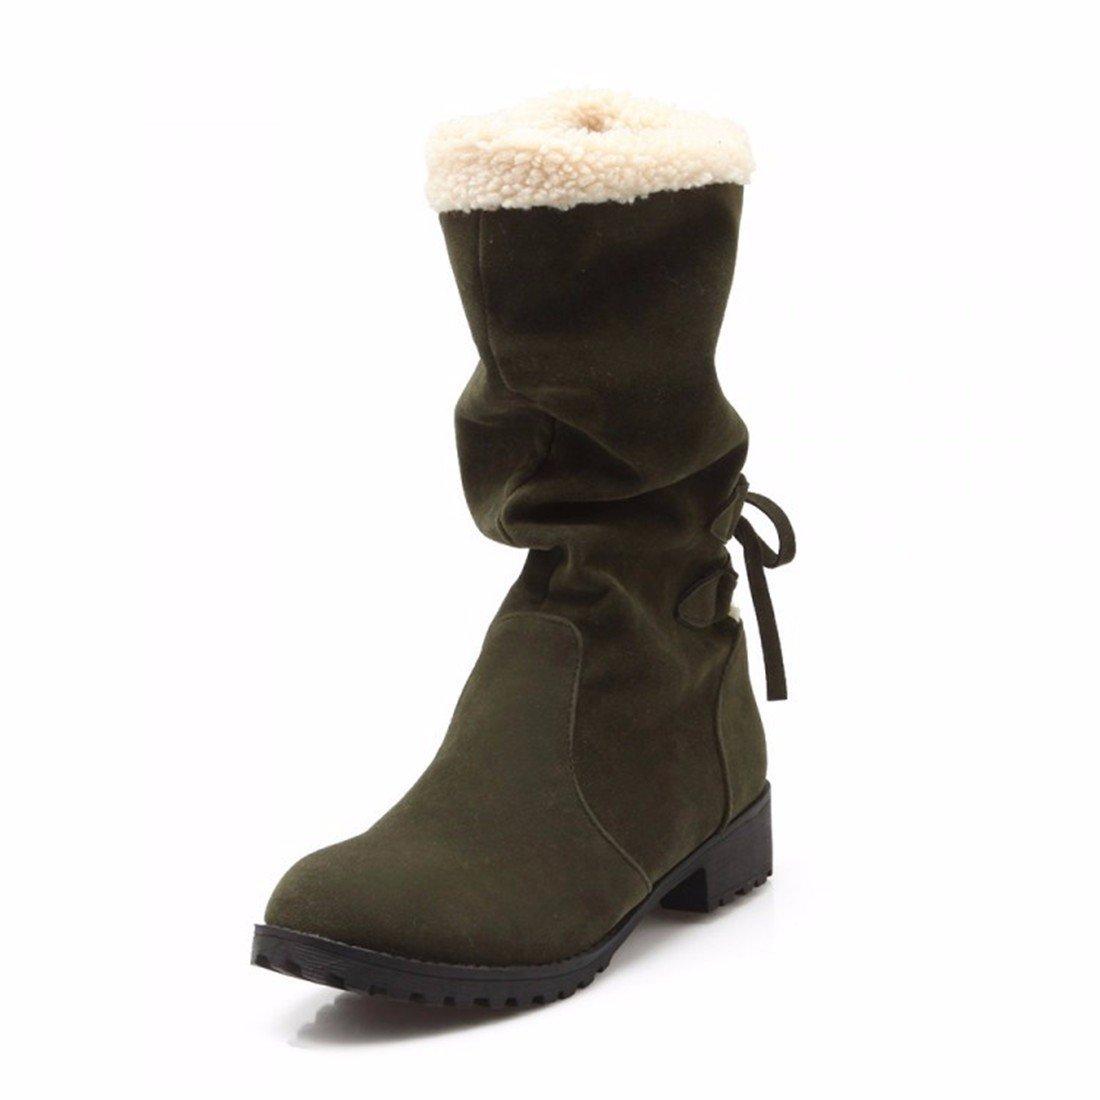 Der Winter nach Frau binden Baumwolle Stiefel Größe und Kaschmir thermische Größe Stiefel student Stiefel 2af43e